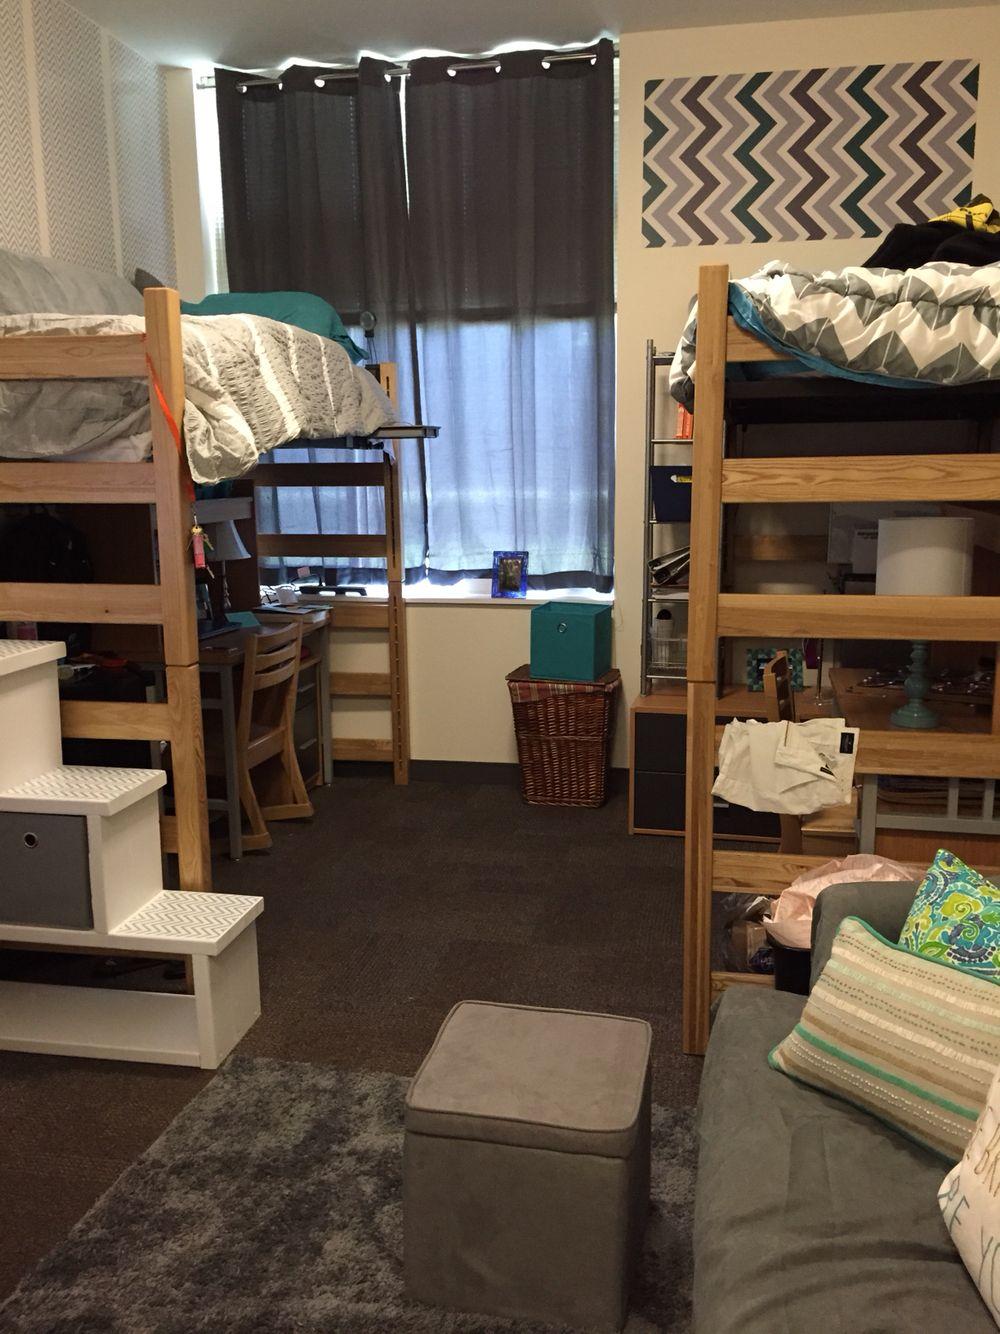 Centennial Hall BGSU  MY DORM ROOM BGSU  Dorm room